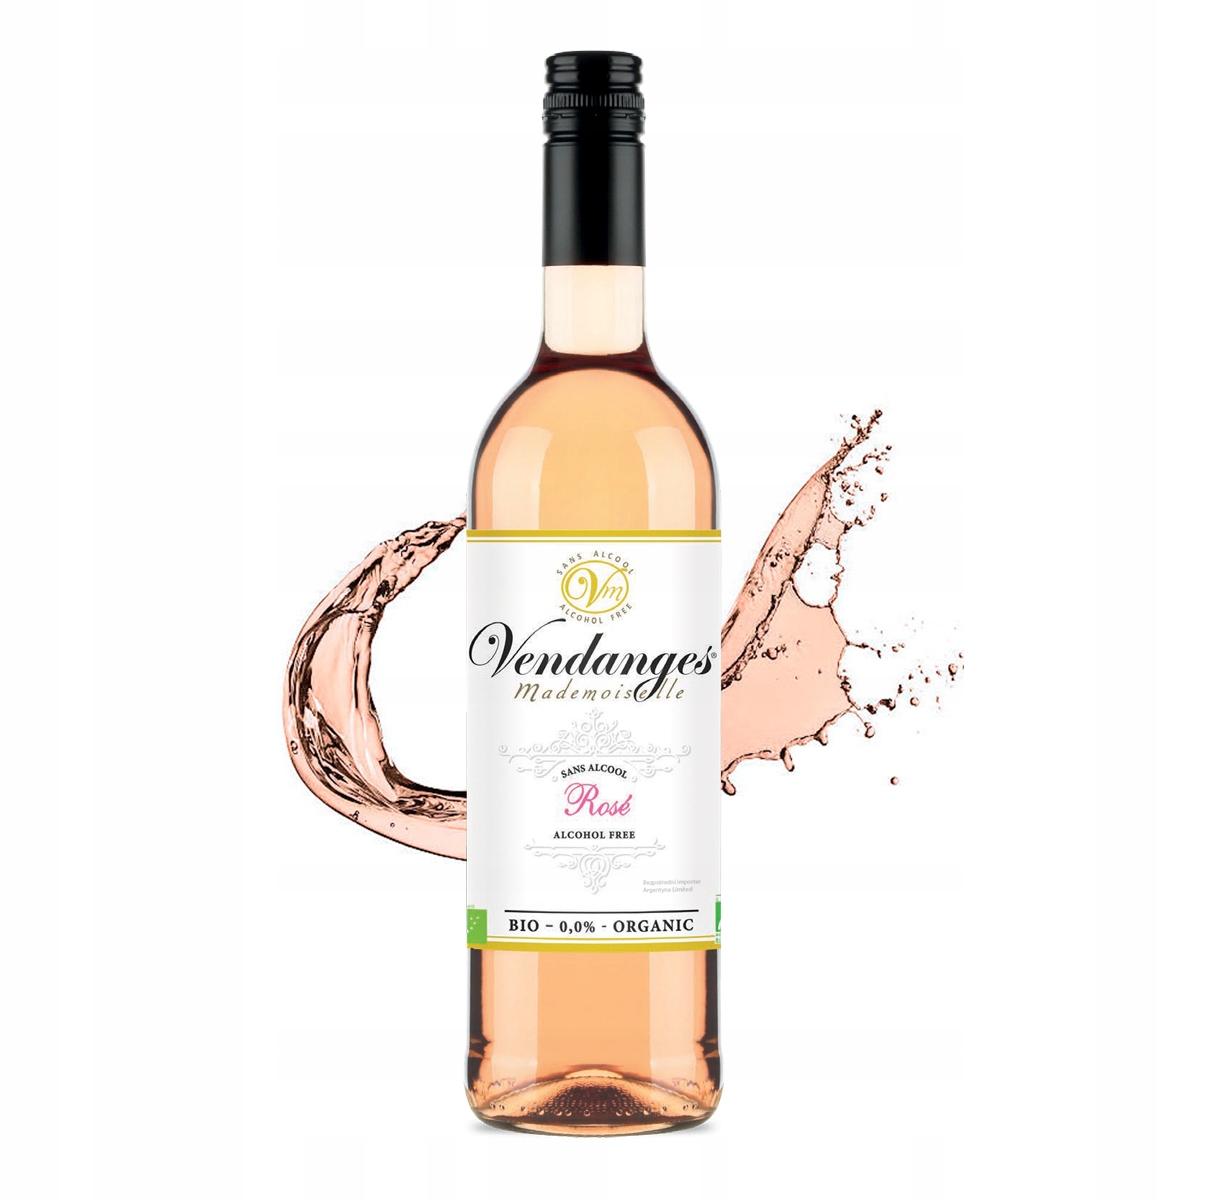 Вино безалкогольное Vendanges Rose BIO выросло на 0,0%